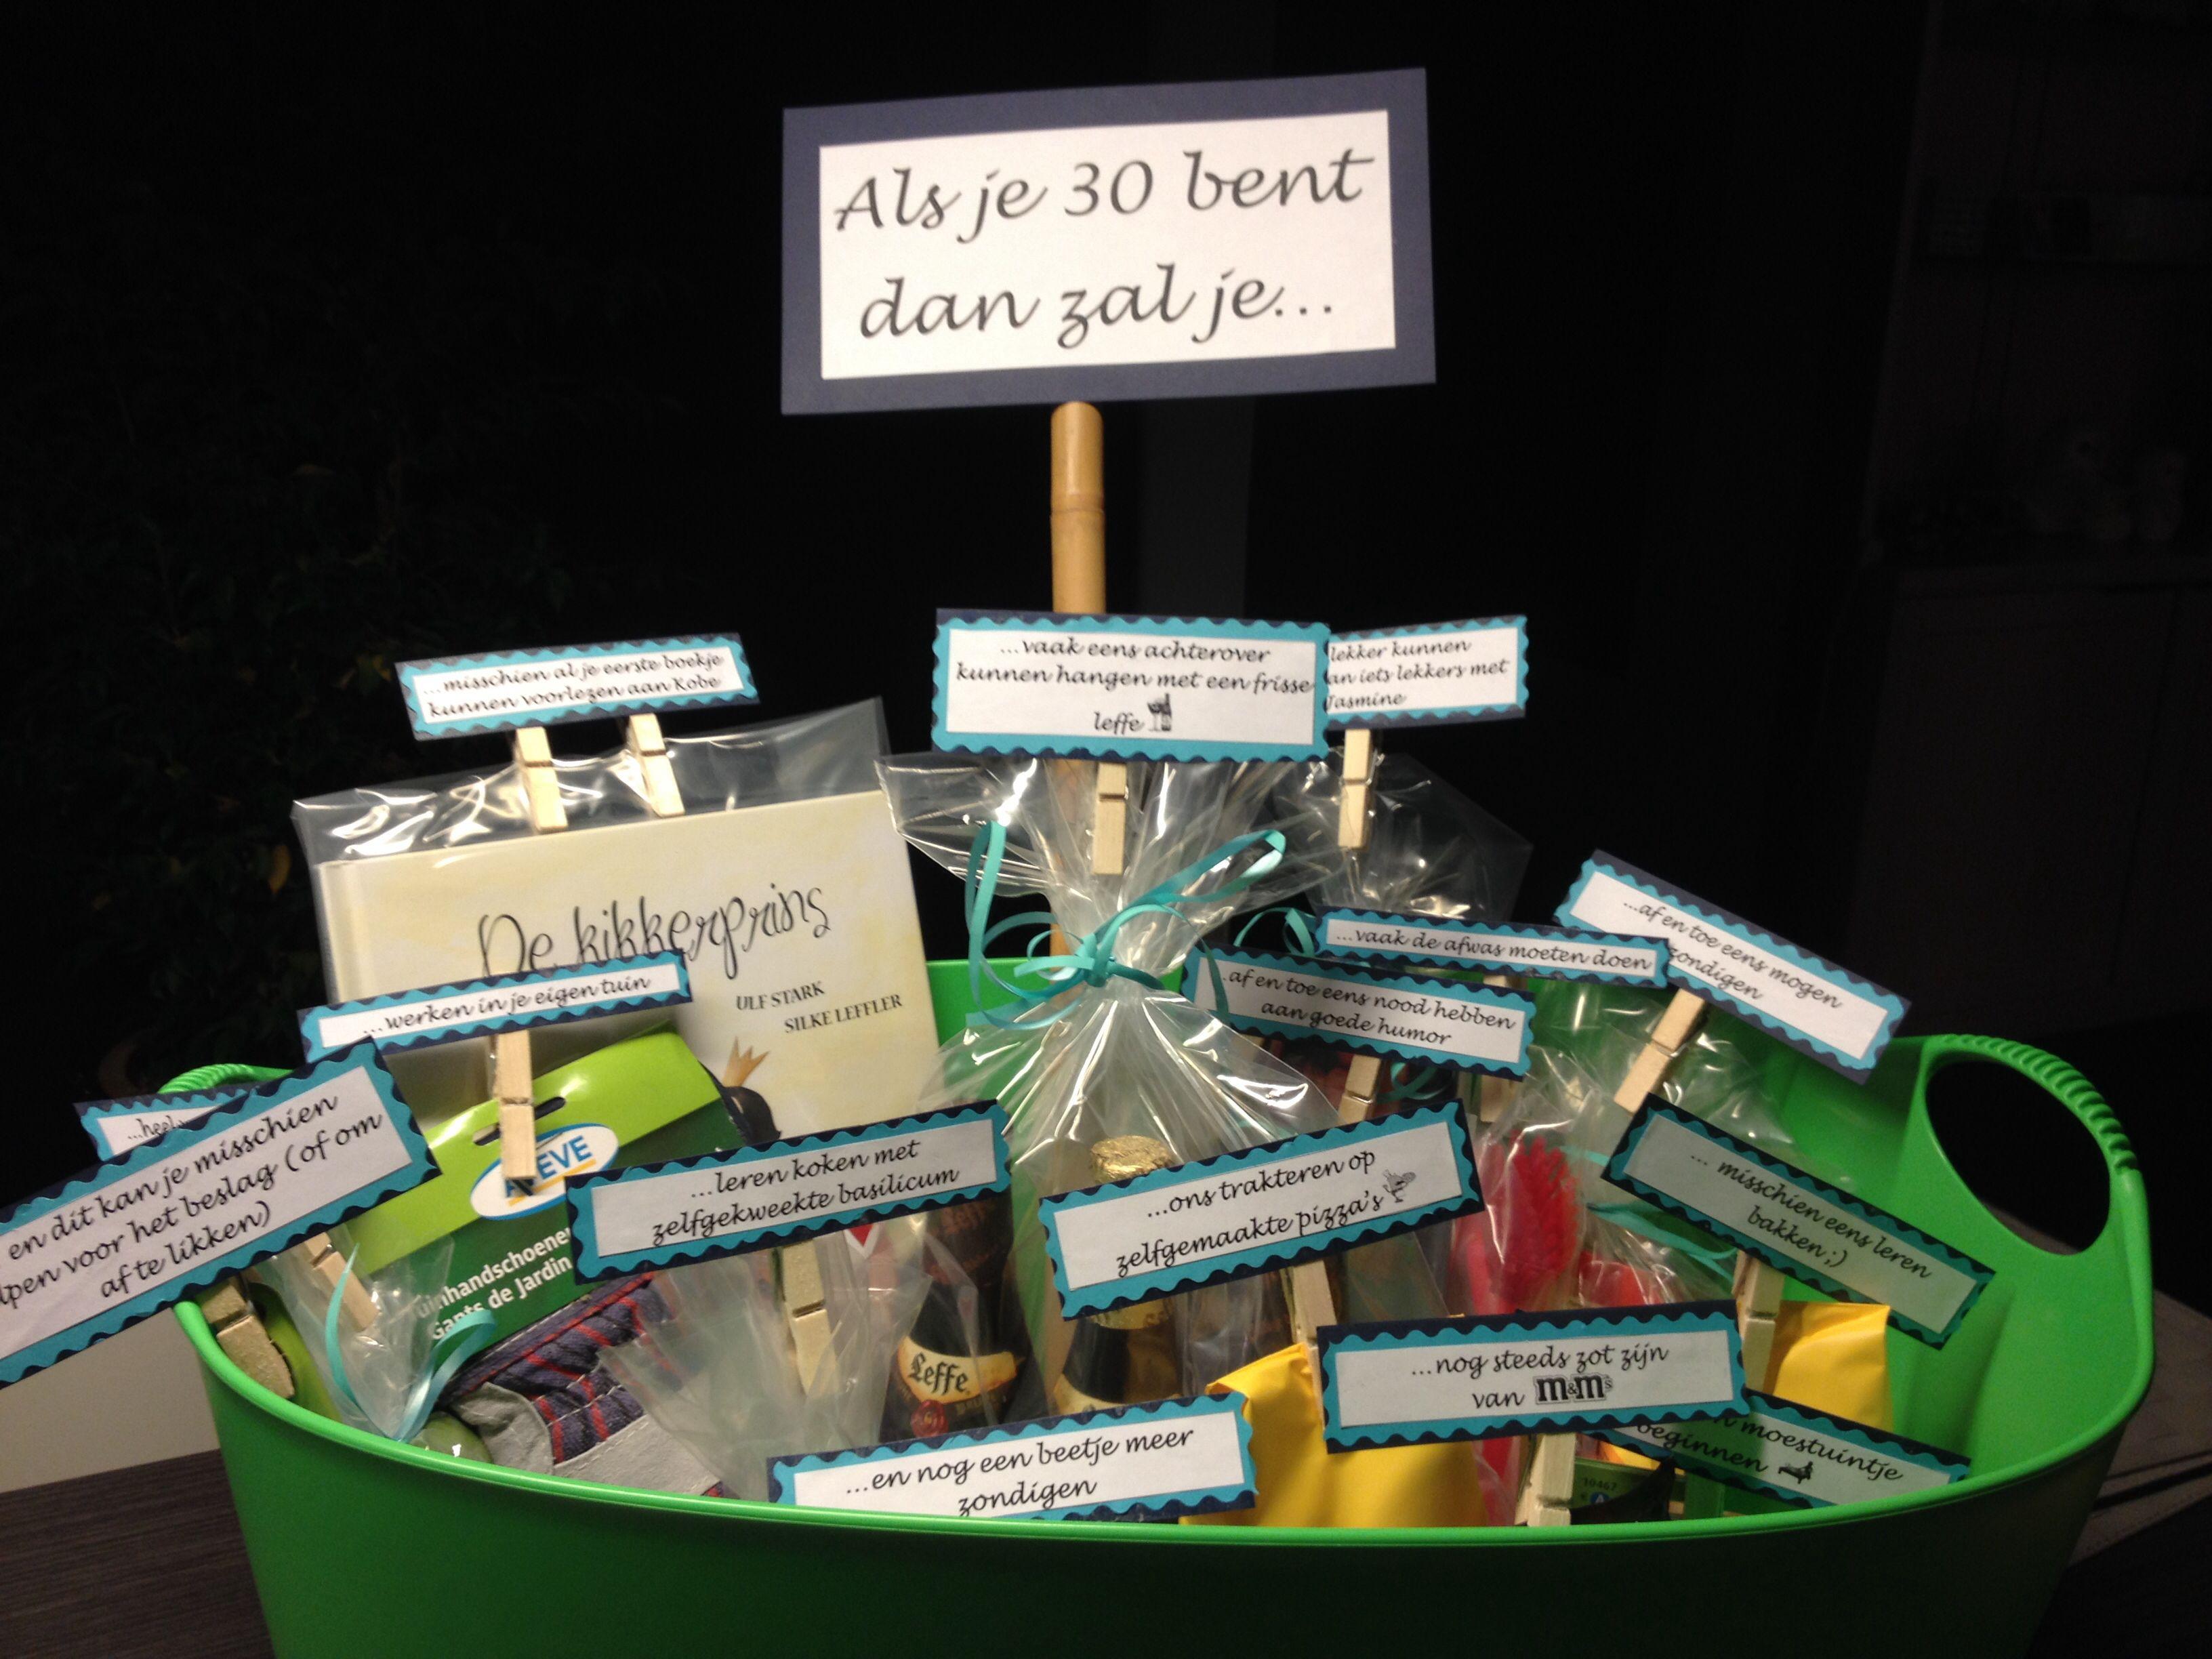 Cadeau Idee Meisje 14 Jaar